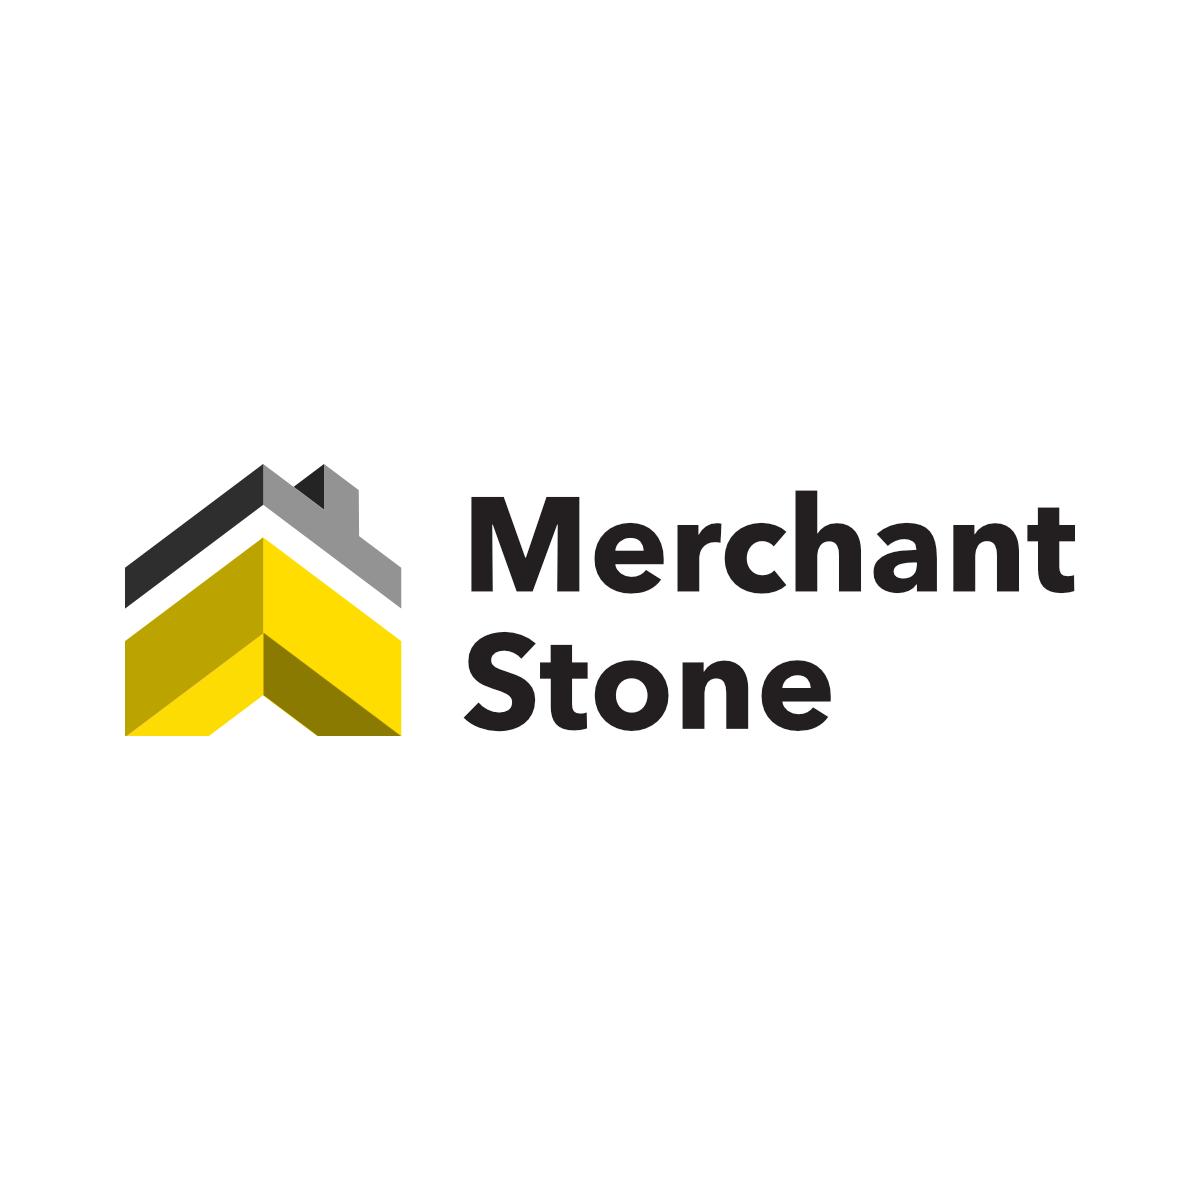 Merchant stone